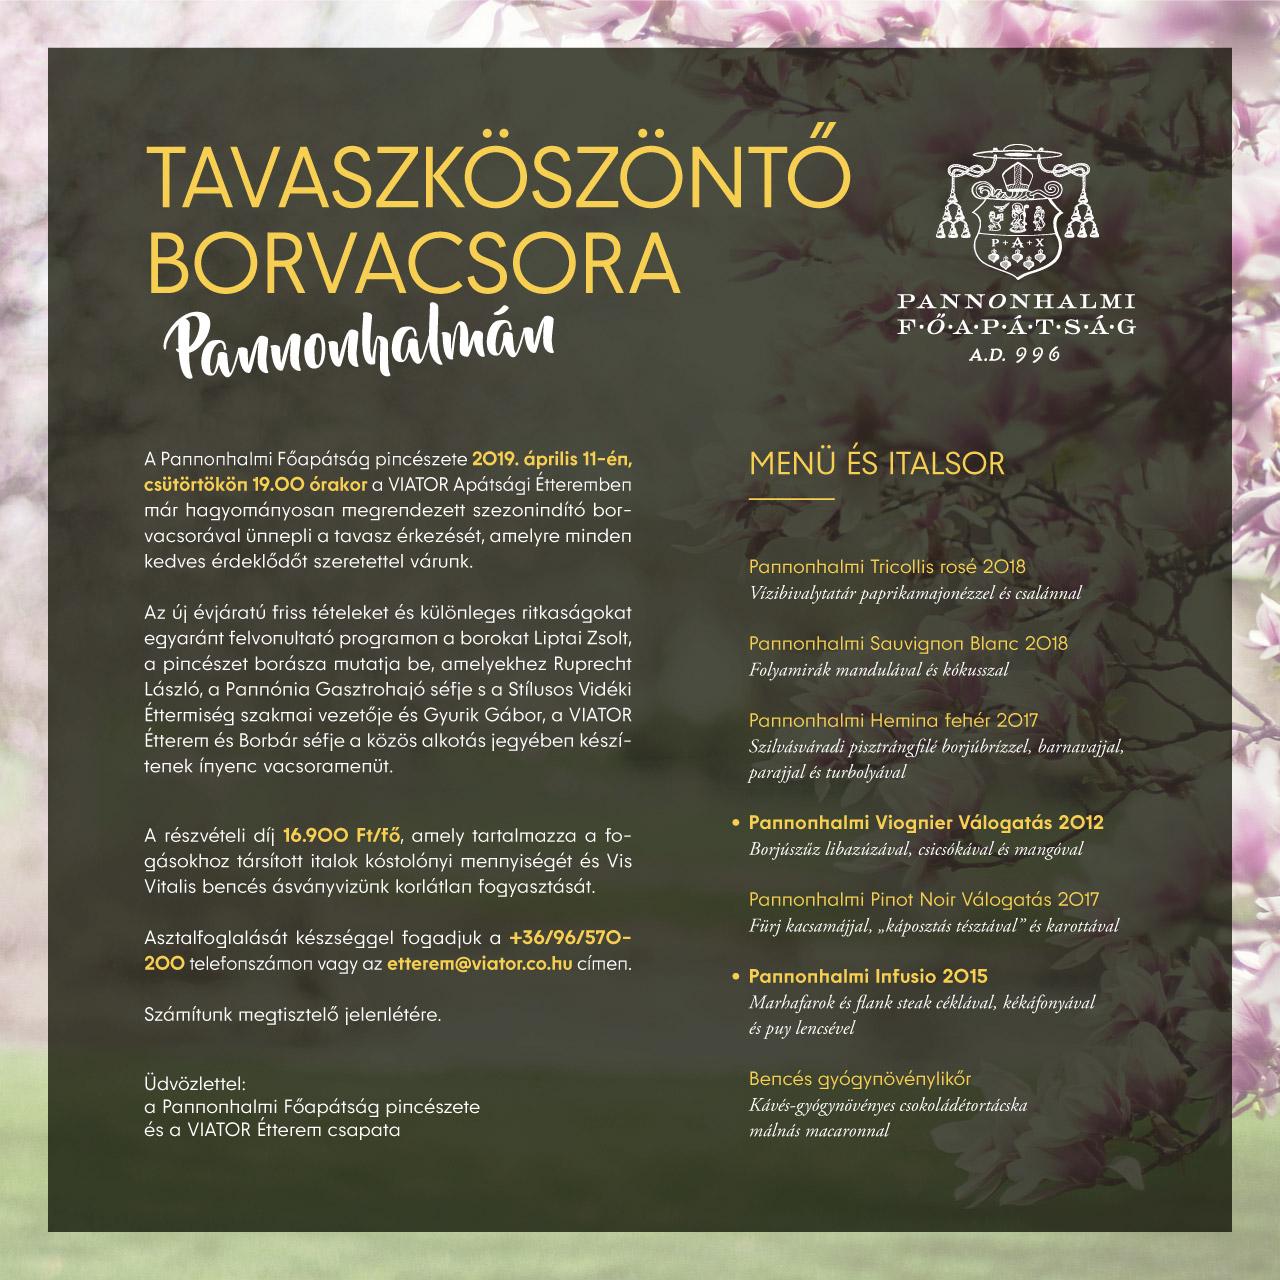 Tavaszköszöntő borvacsora Pannonhalmán